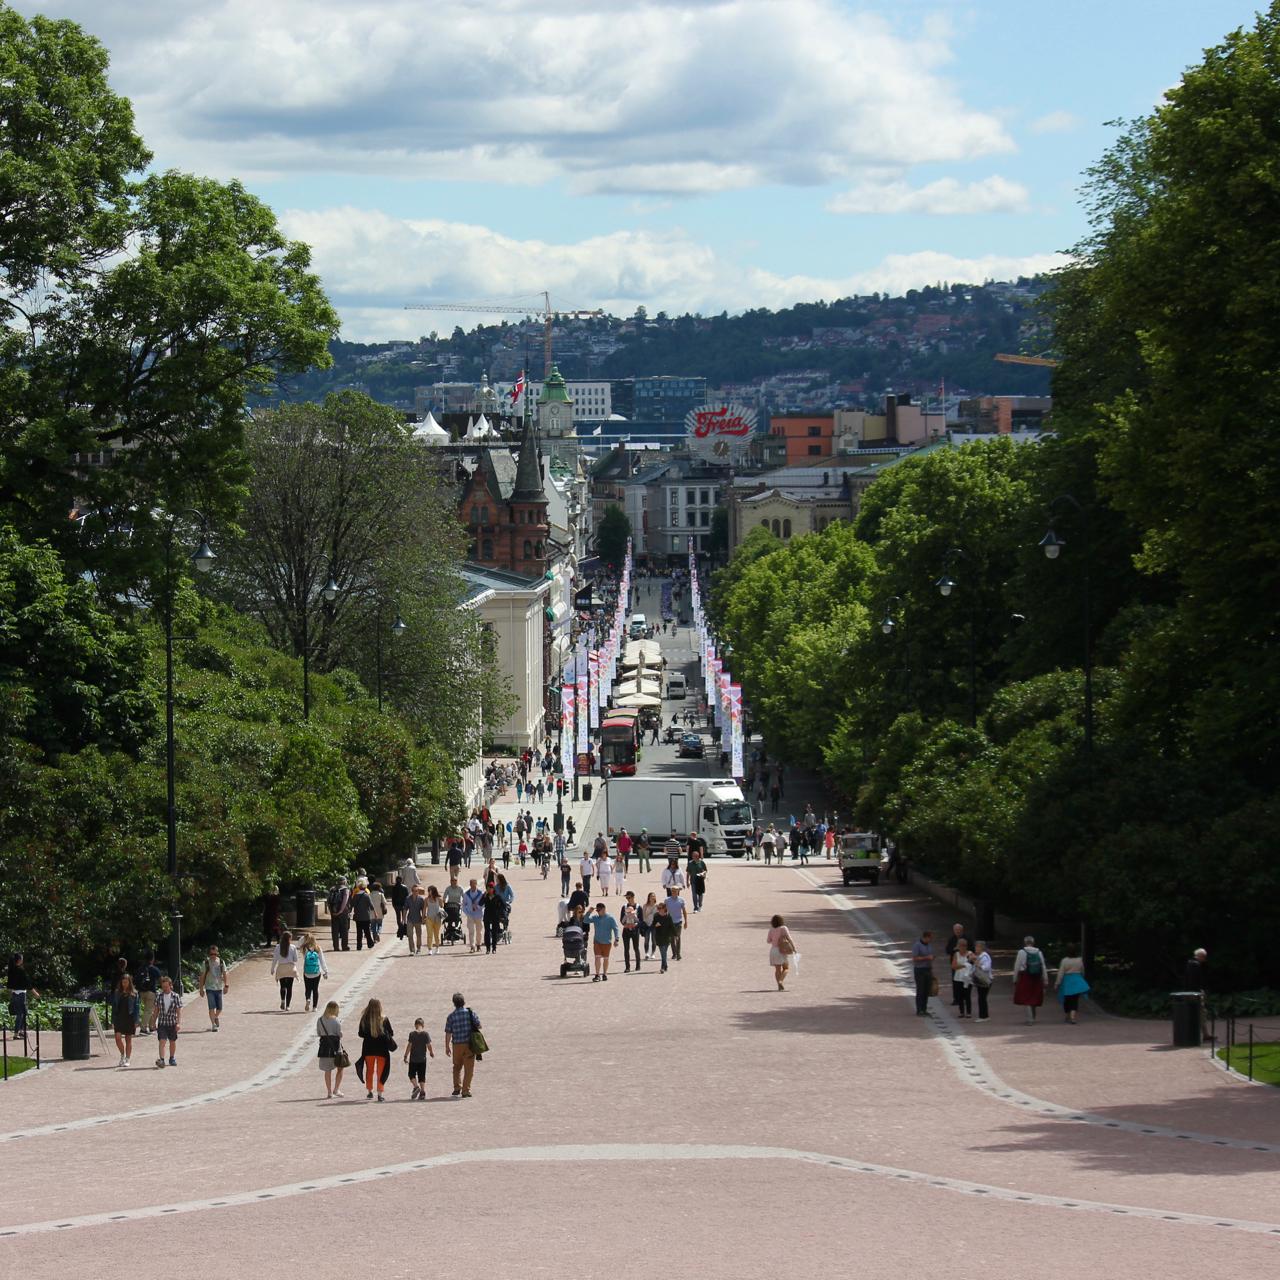 Oslo, Norway - 15